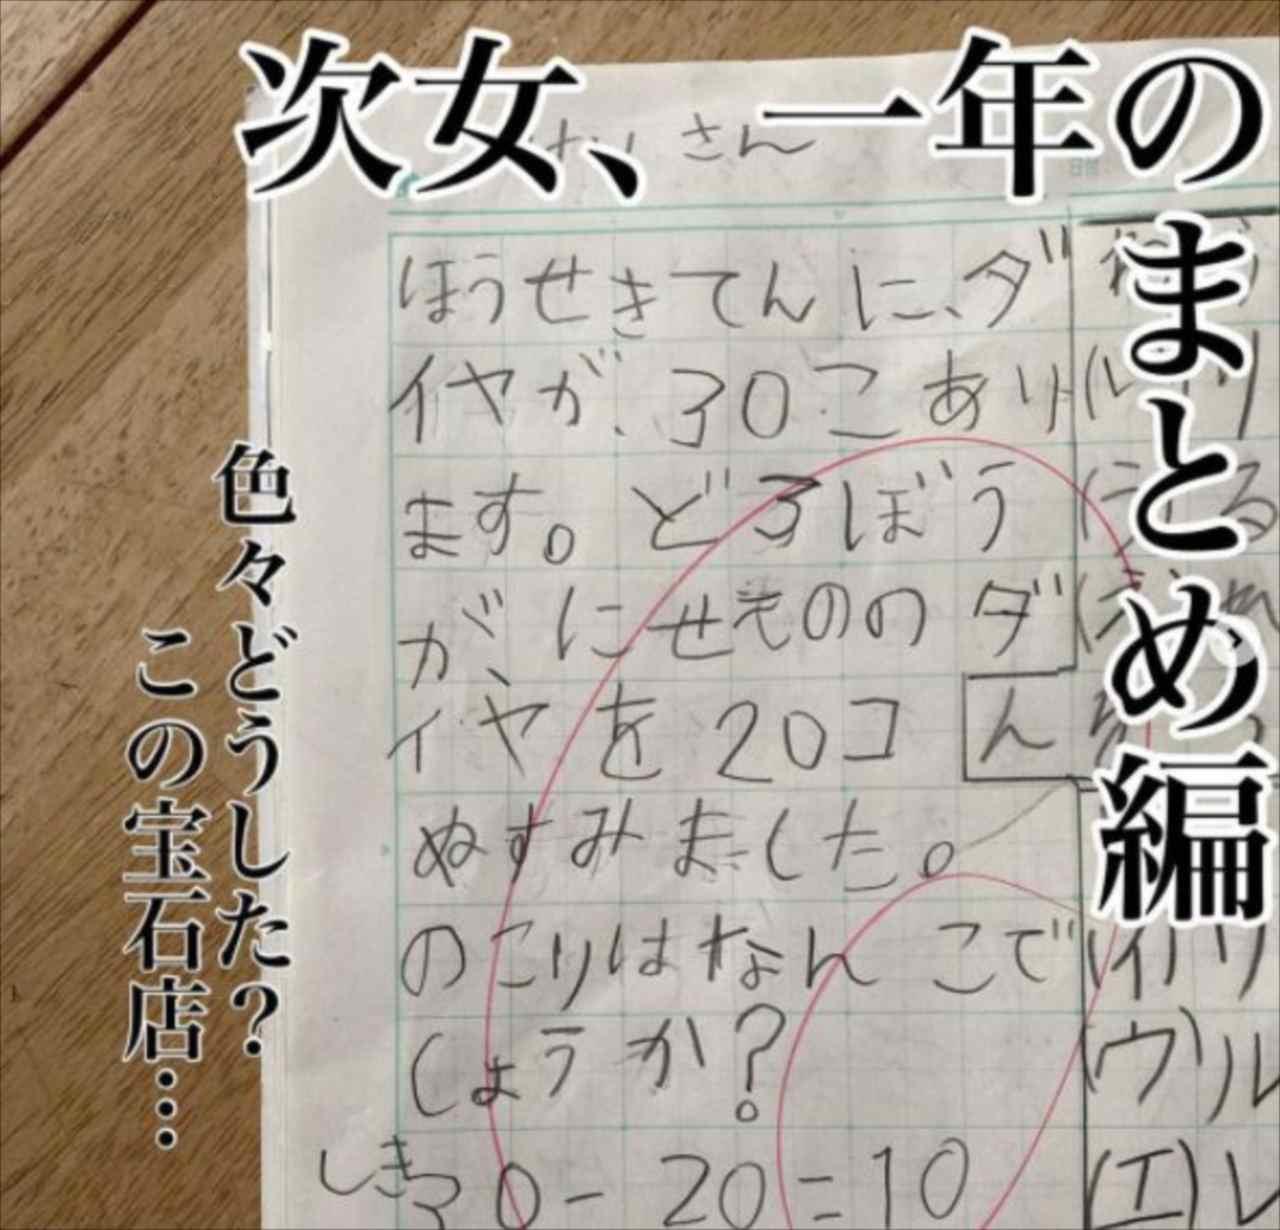 【5児のお母さん爆笑奮闘記】次女が無事に2年生に進級するも・・・1年生時のテストの解答が色々面白すぎる!